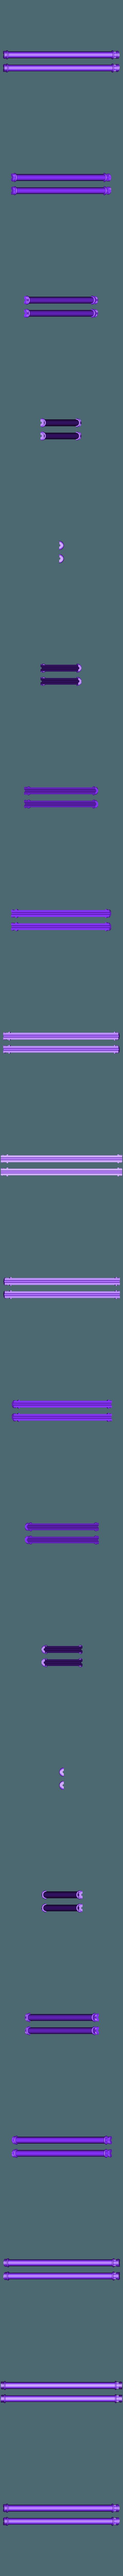 sd20031a61kd2.stl Télécharger fichier STL gratuit Lampe de style Simplicité03 • Design imprimable en 3D, Toolmoon